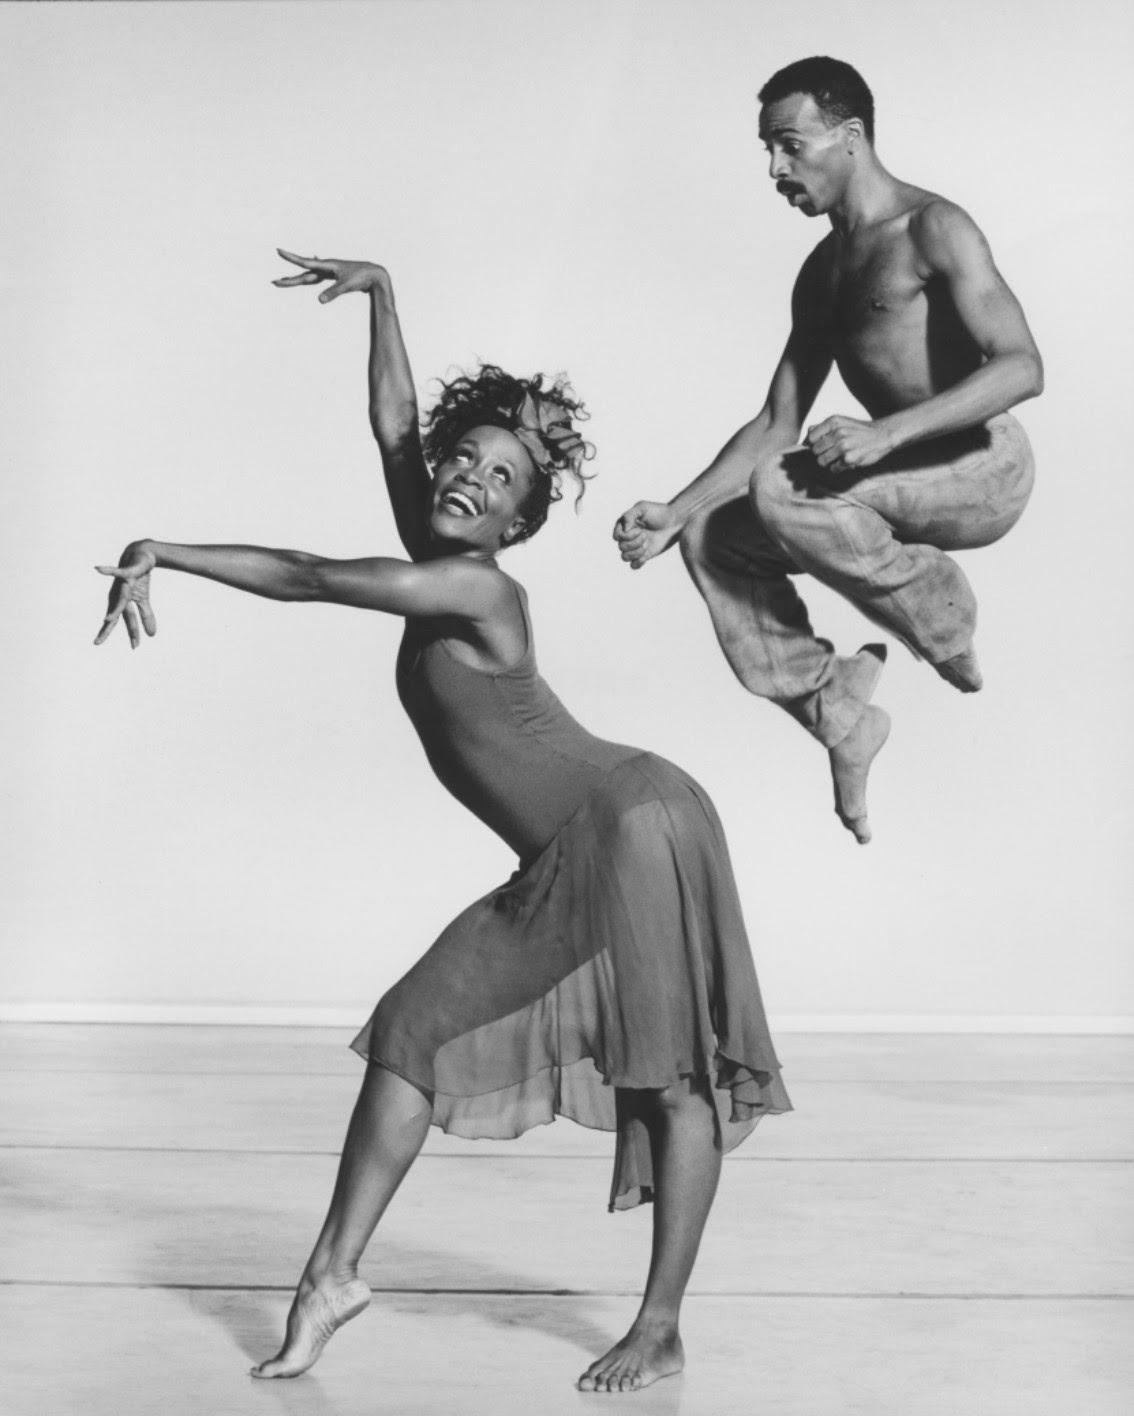 Alvin Ailey Dancing